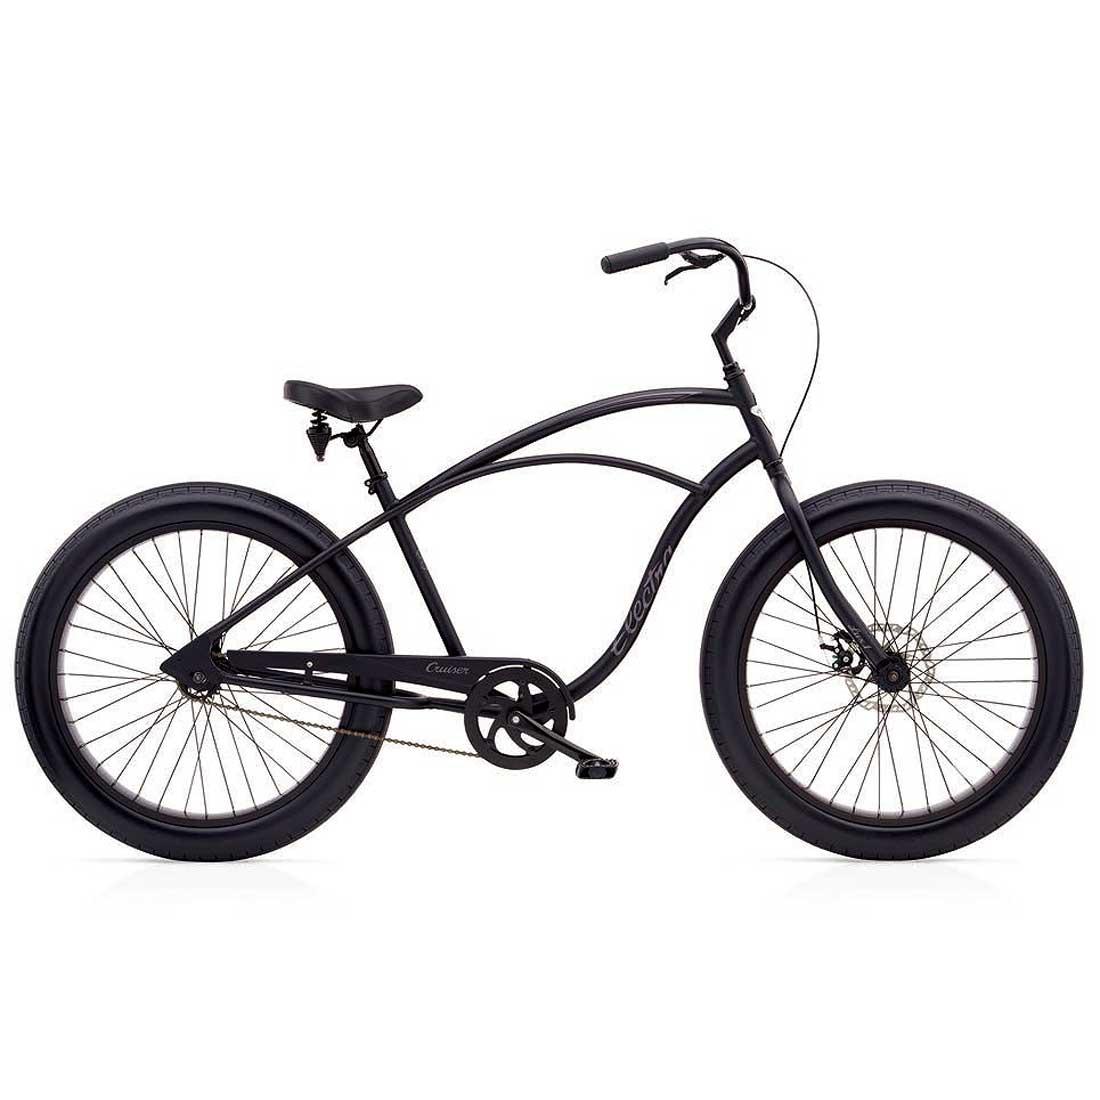 ビーチクルーザー 26インチ ファットバイク おしゃれ 自転車 通勤 通学 エレクトラ LUX1-FAT-TIRE マットブラック メンズ レディース